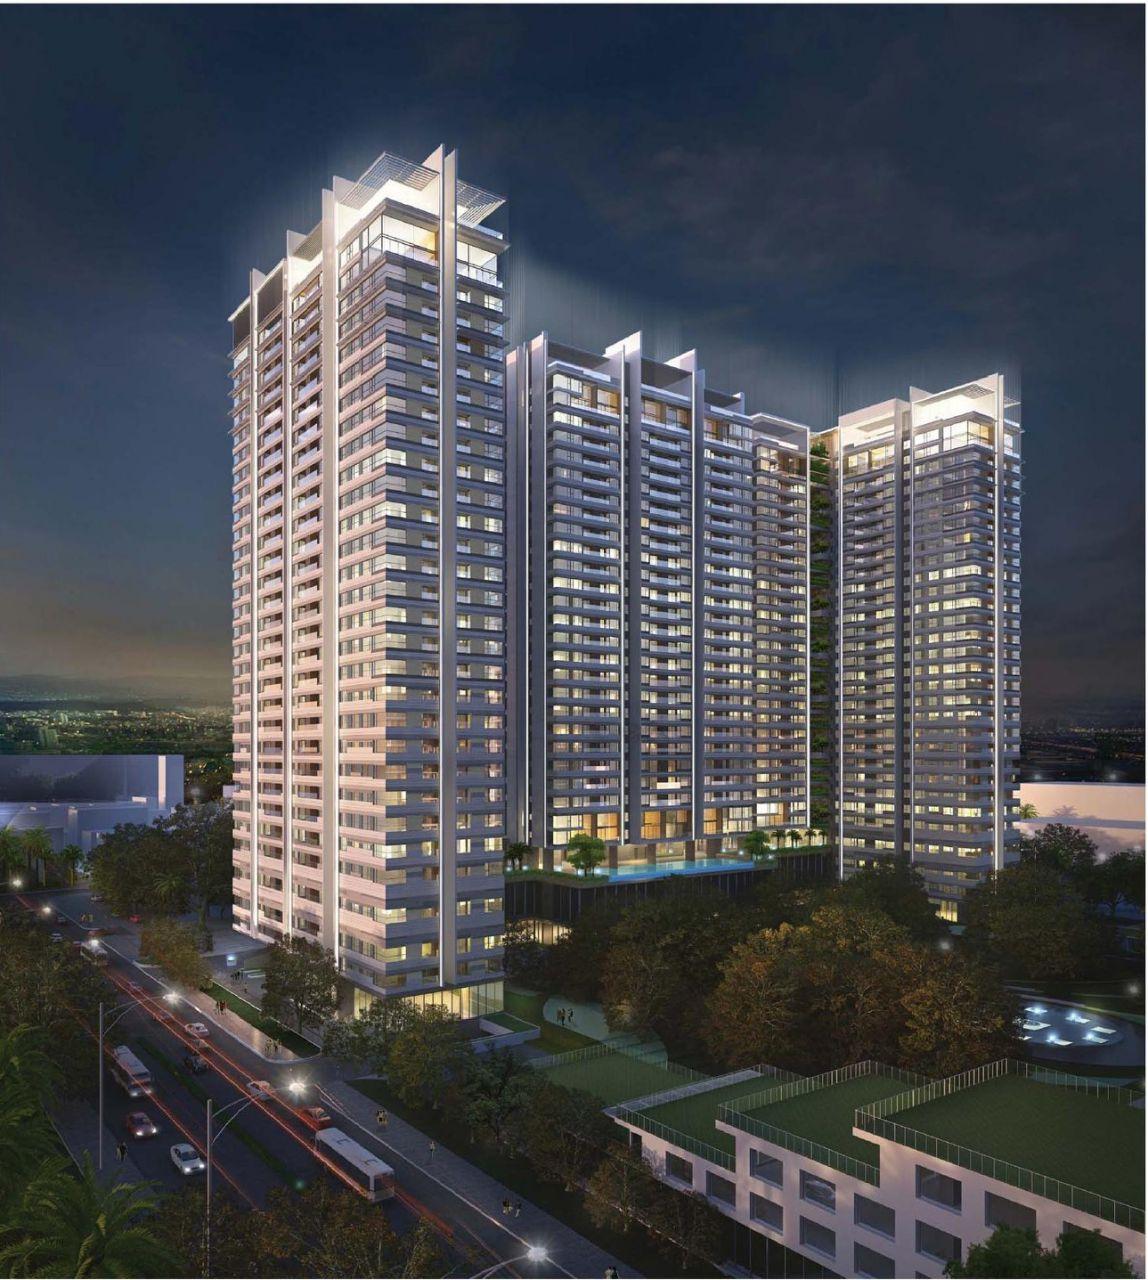 KINGDOM 101 là dự án được đầu tư bởi Đông Dương, một công ty con của tập đoàn Hoa Lâm. Dự án có 3 tháp, quy mô 30 tầng với diện tích sàn xây dựng hơn 100.000 m2, được khởi công vào ngày 29/09/2017 hứa hẹn là một dự án tầm cỡ tại trung tâm Sài Gòn.